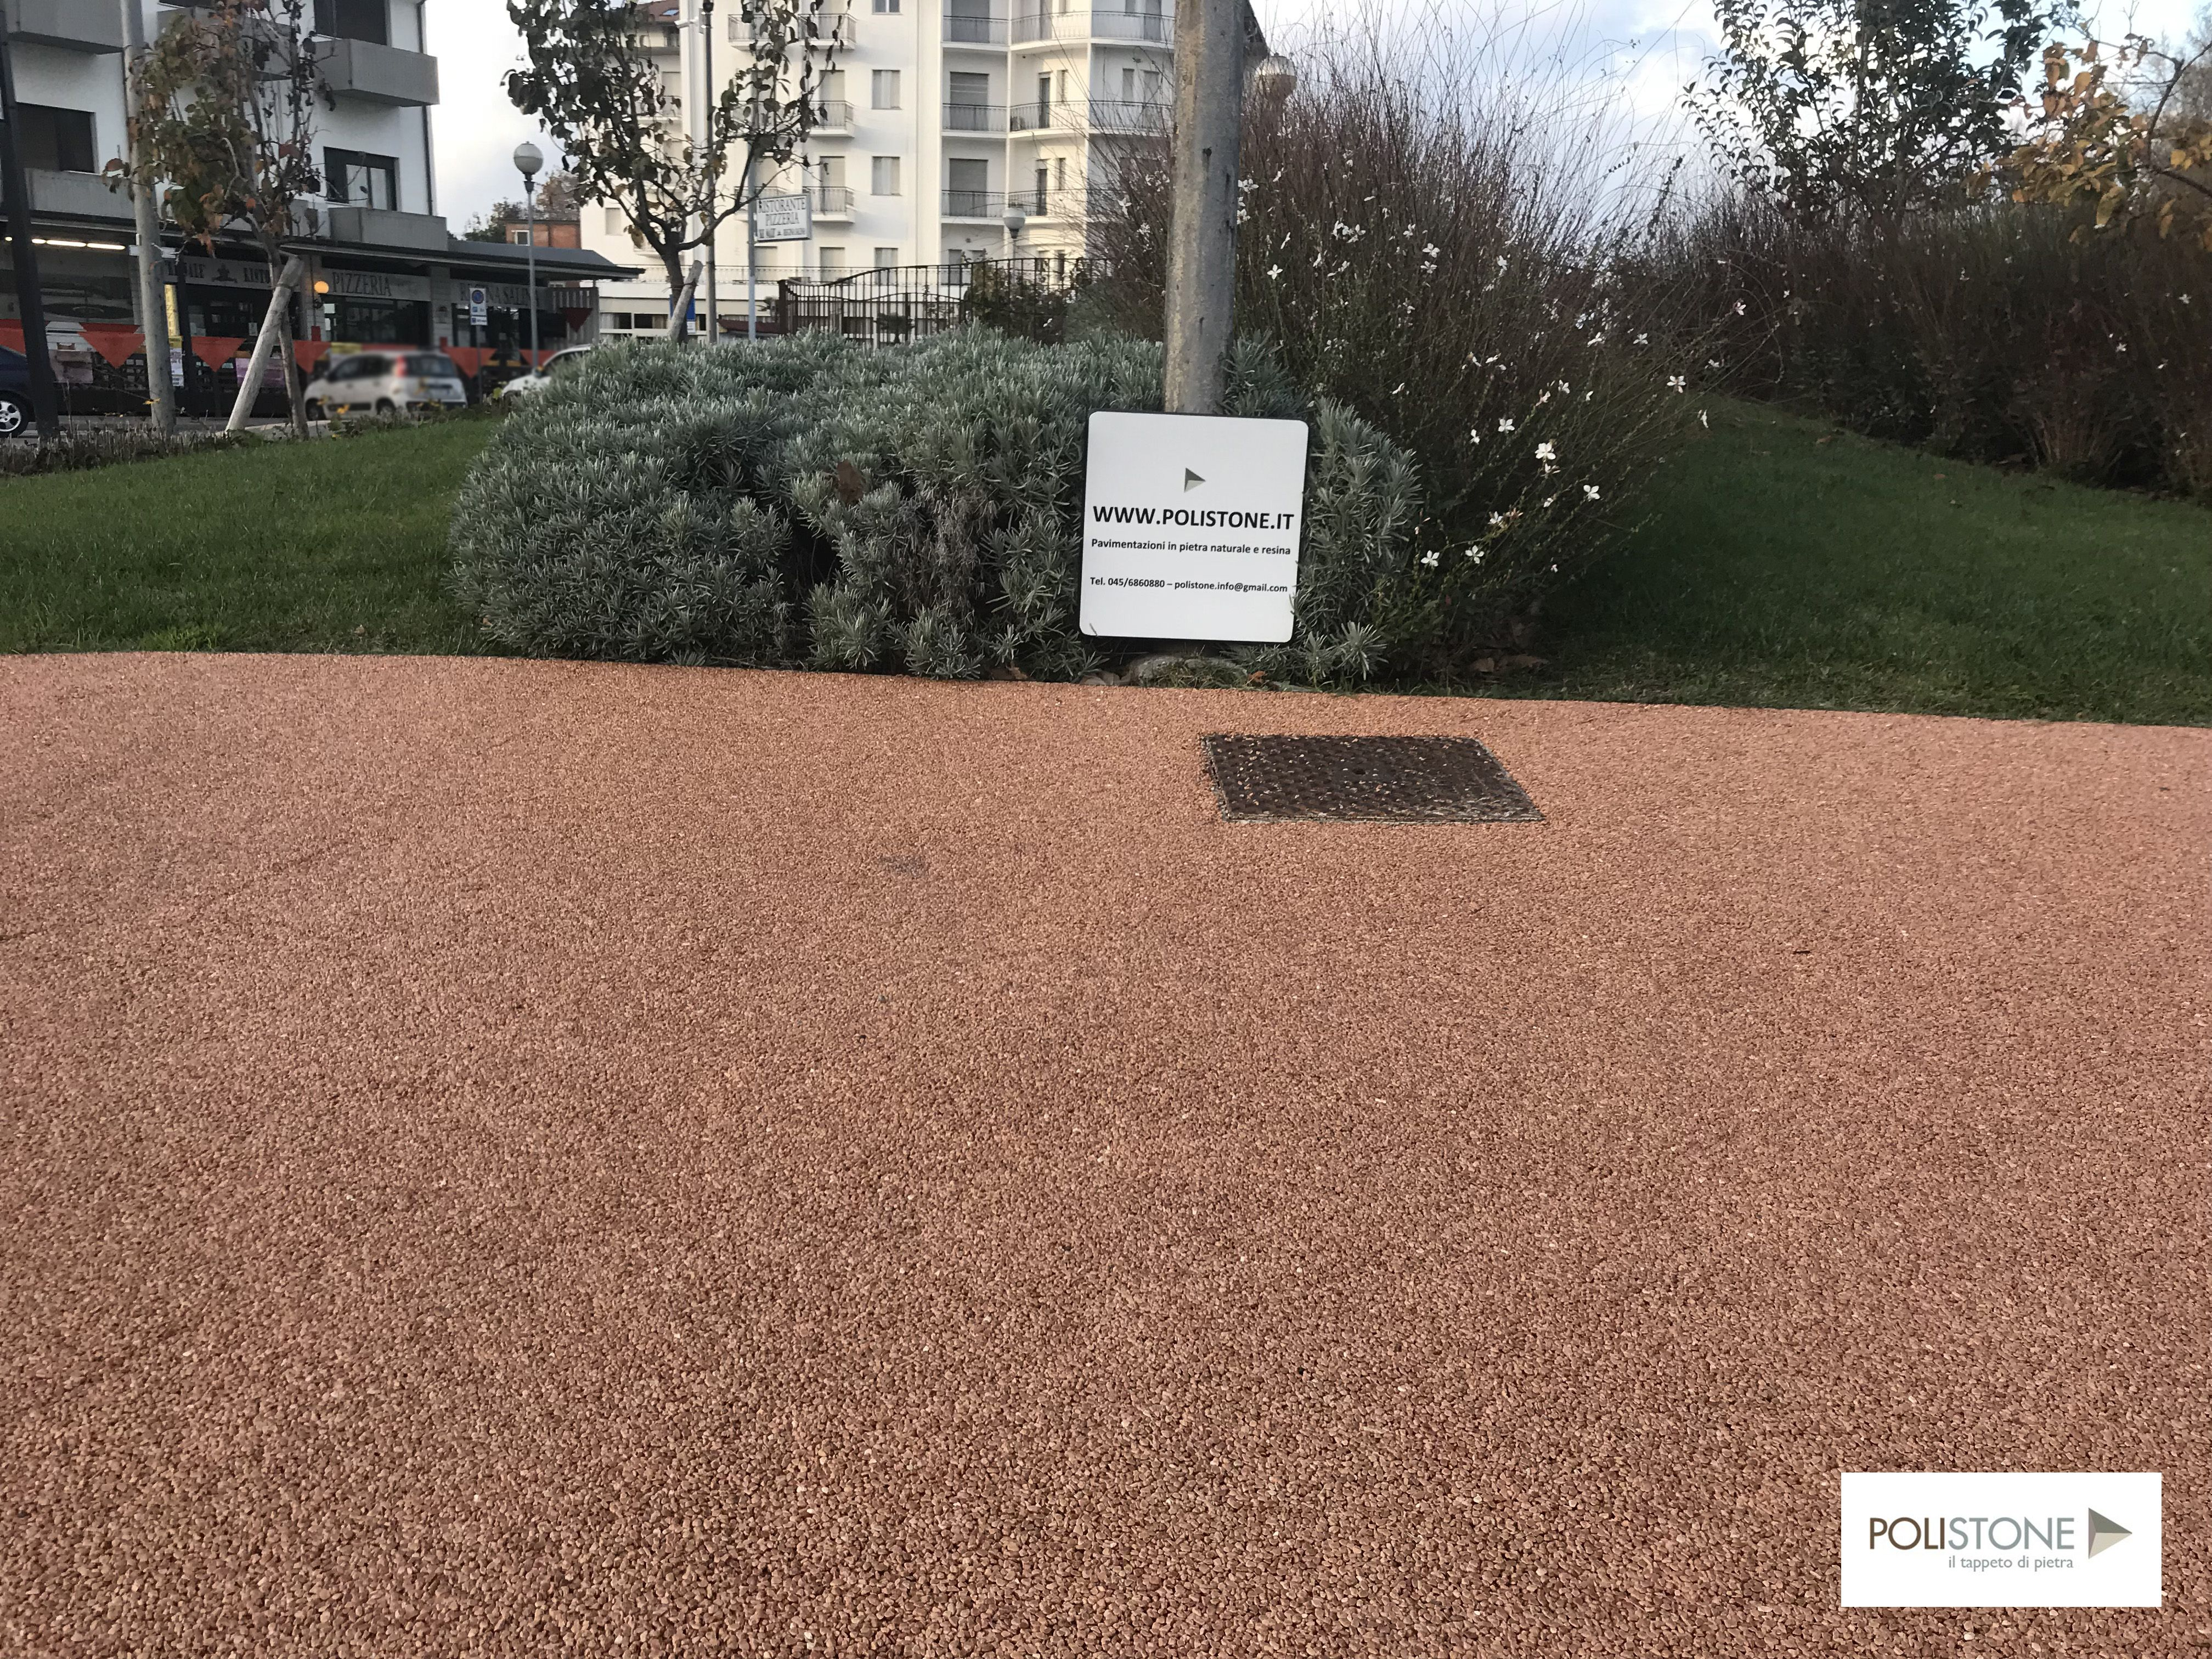 Piastrelle Drenanti Per Esterno Dekostone i pavimenti